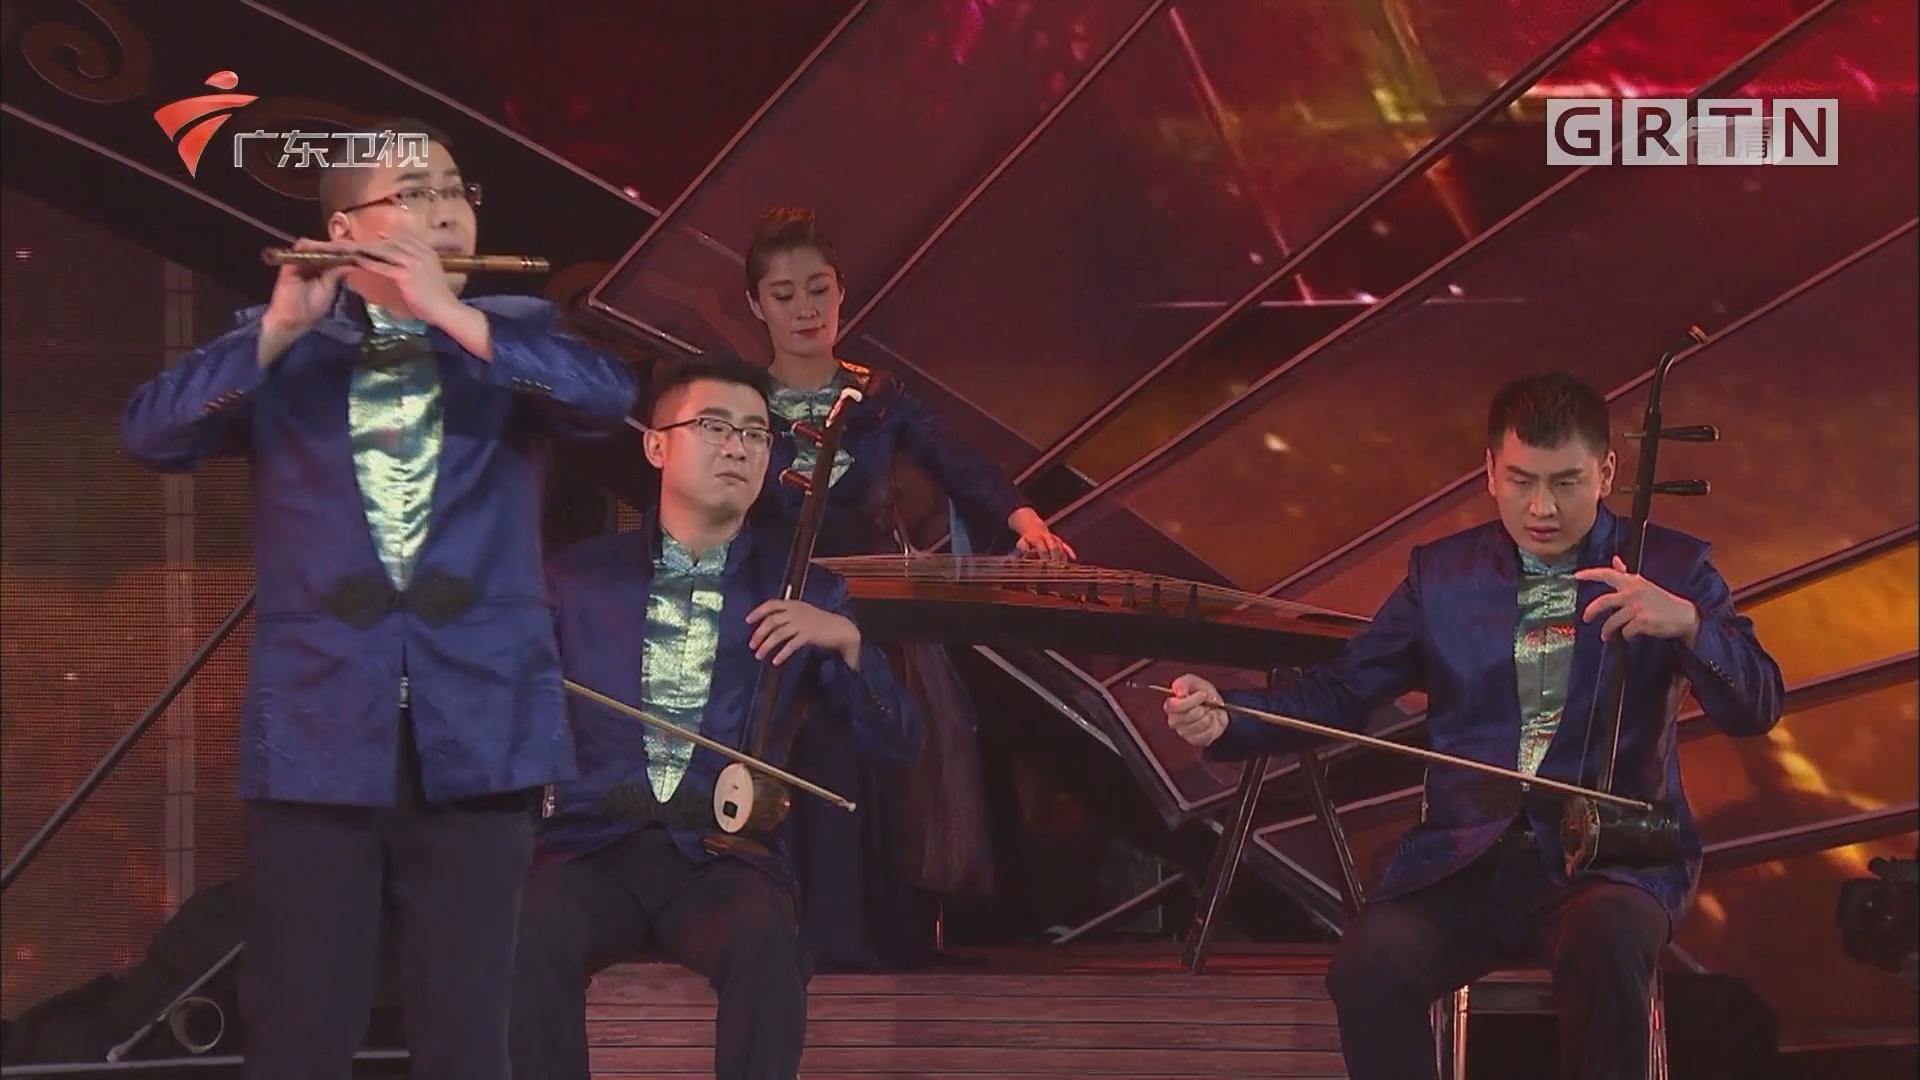 晋风乐团展现百变魅力 演奏神秘《丝绸之路》